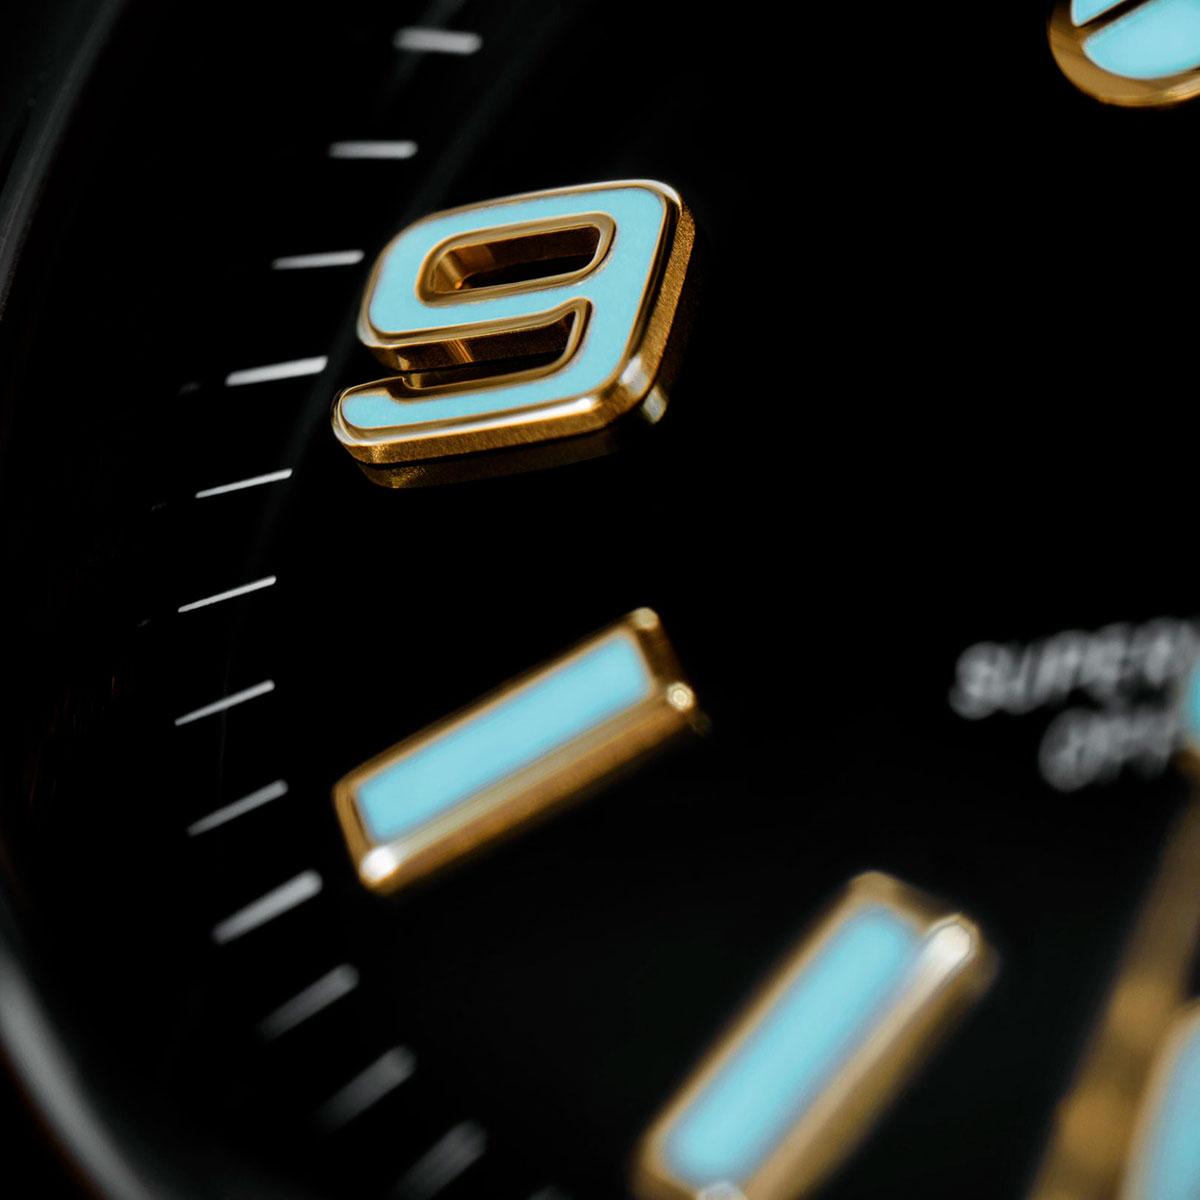 Chromalight en el Rolex Explorer